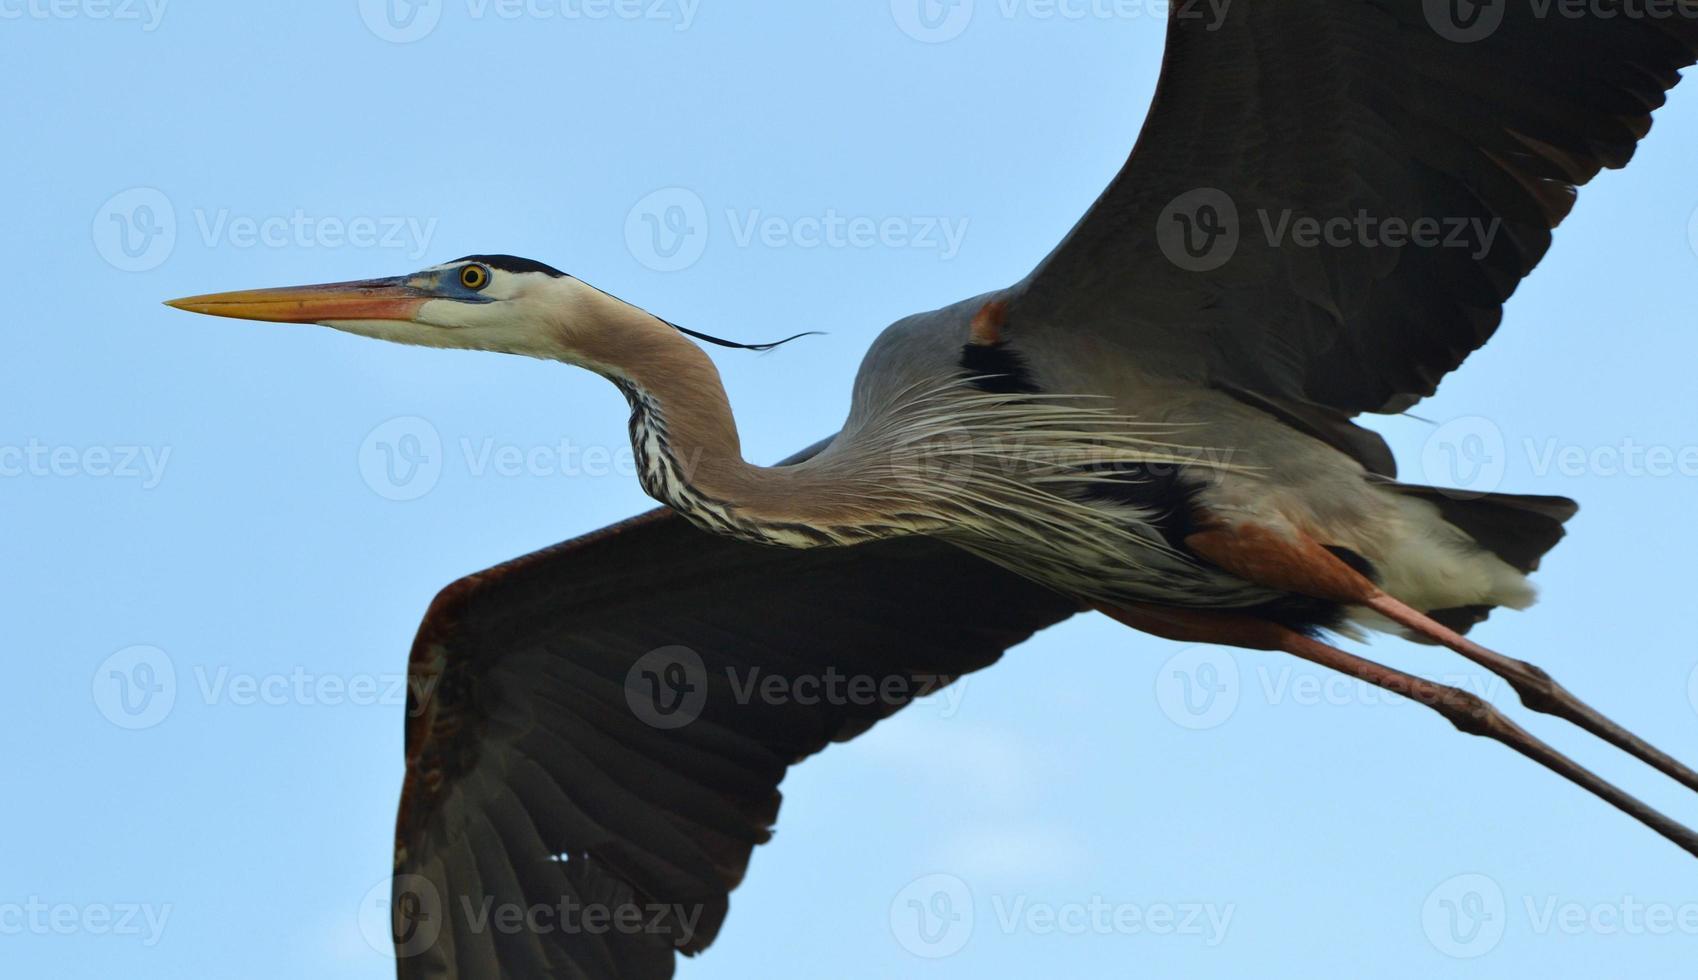 grote blauwe reiger vliegen foto